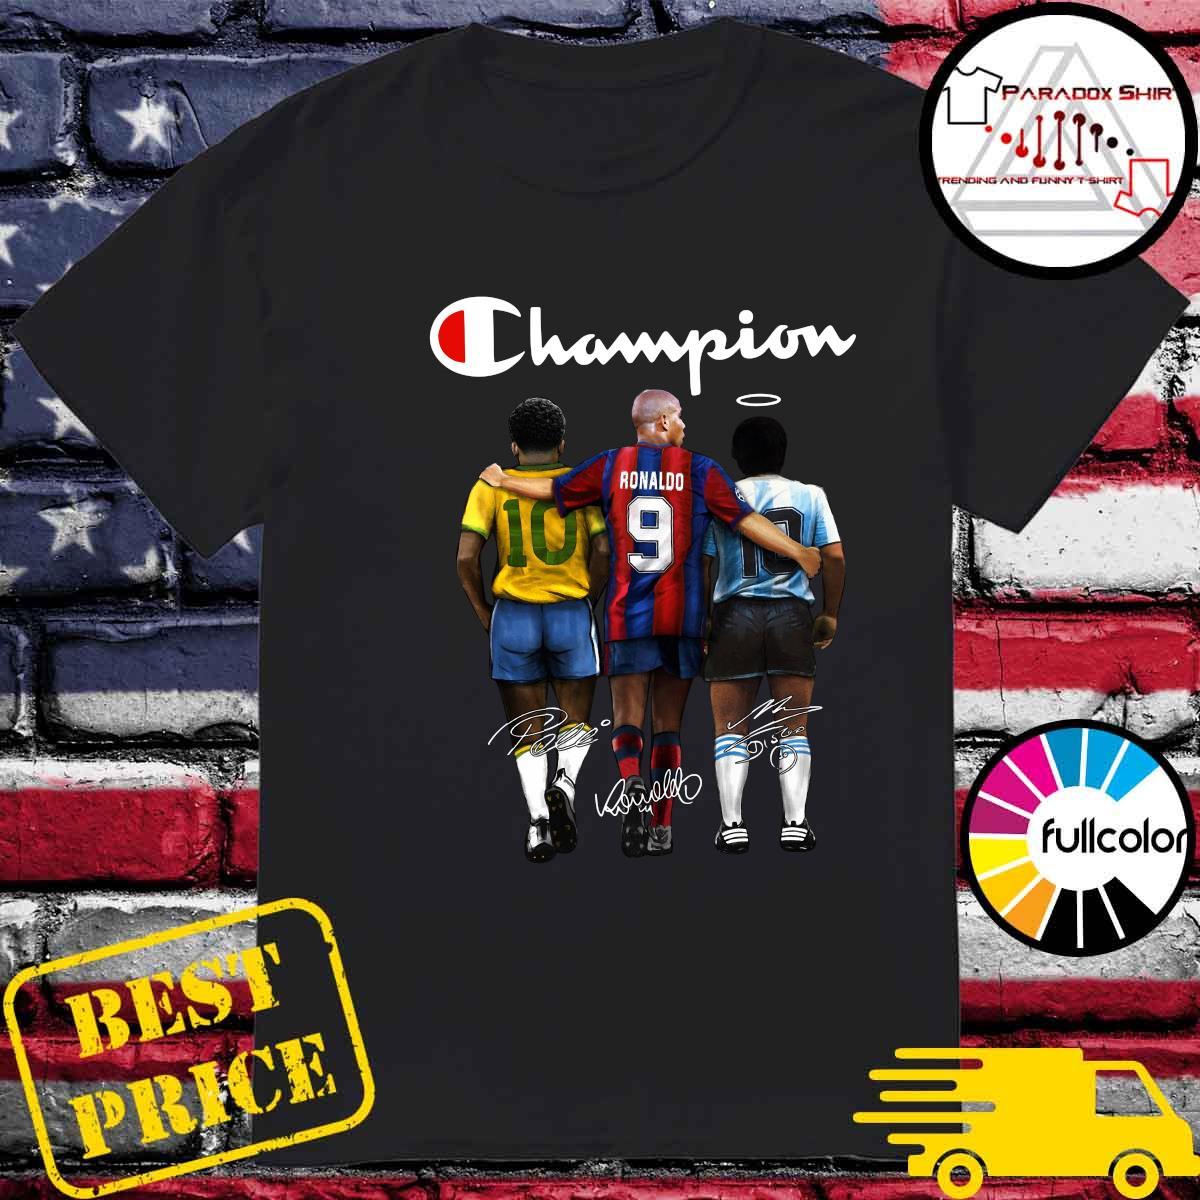 Champion 10 Pelé Ronaldo 9 Diego Maradona 10 Signatures Shirt